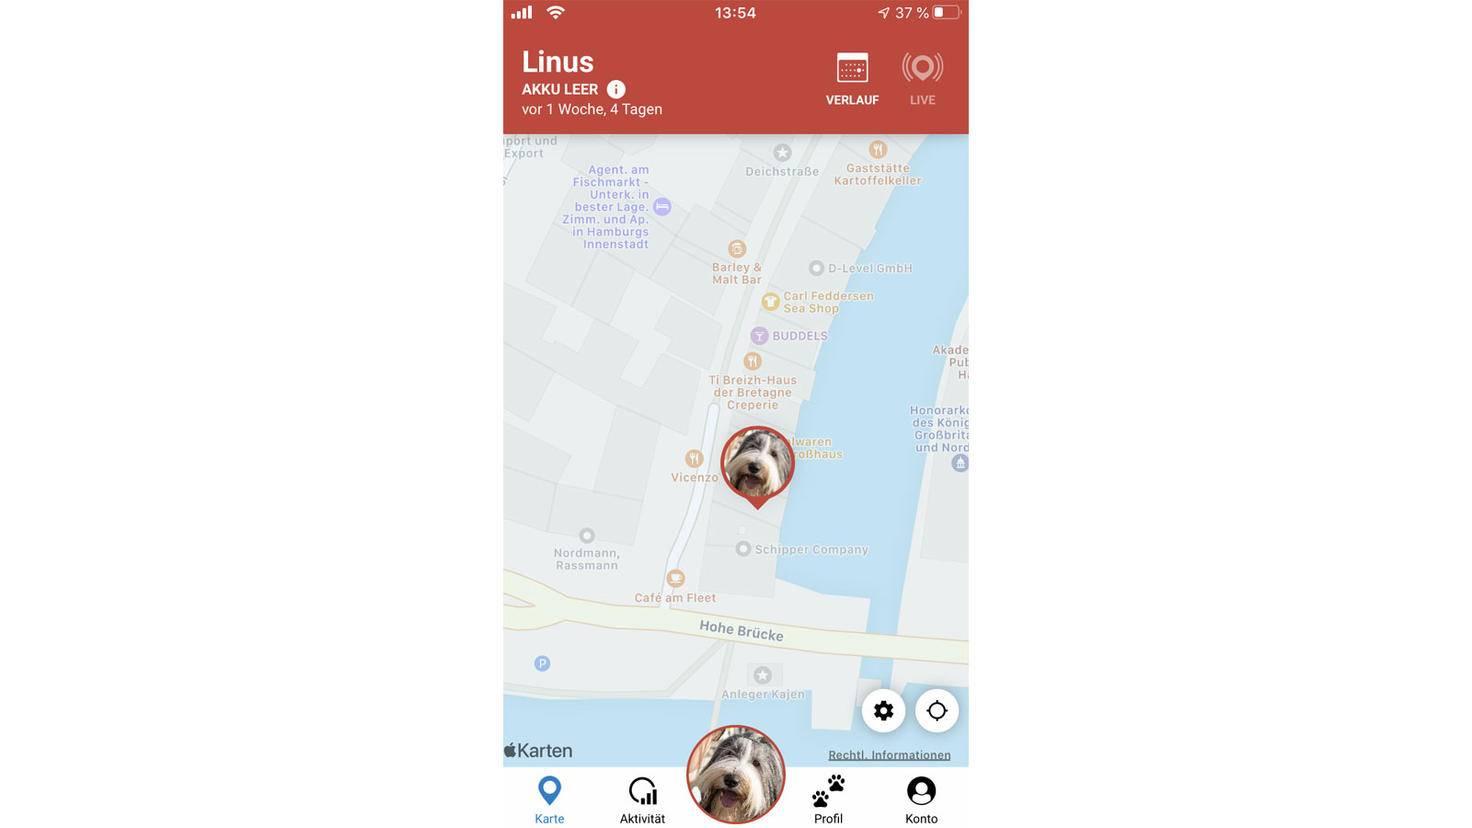 Ist der Live-Modus aktiviert, kannst Du genau nachverfolgen, wo Dein Hund herumgelaufen ist.